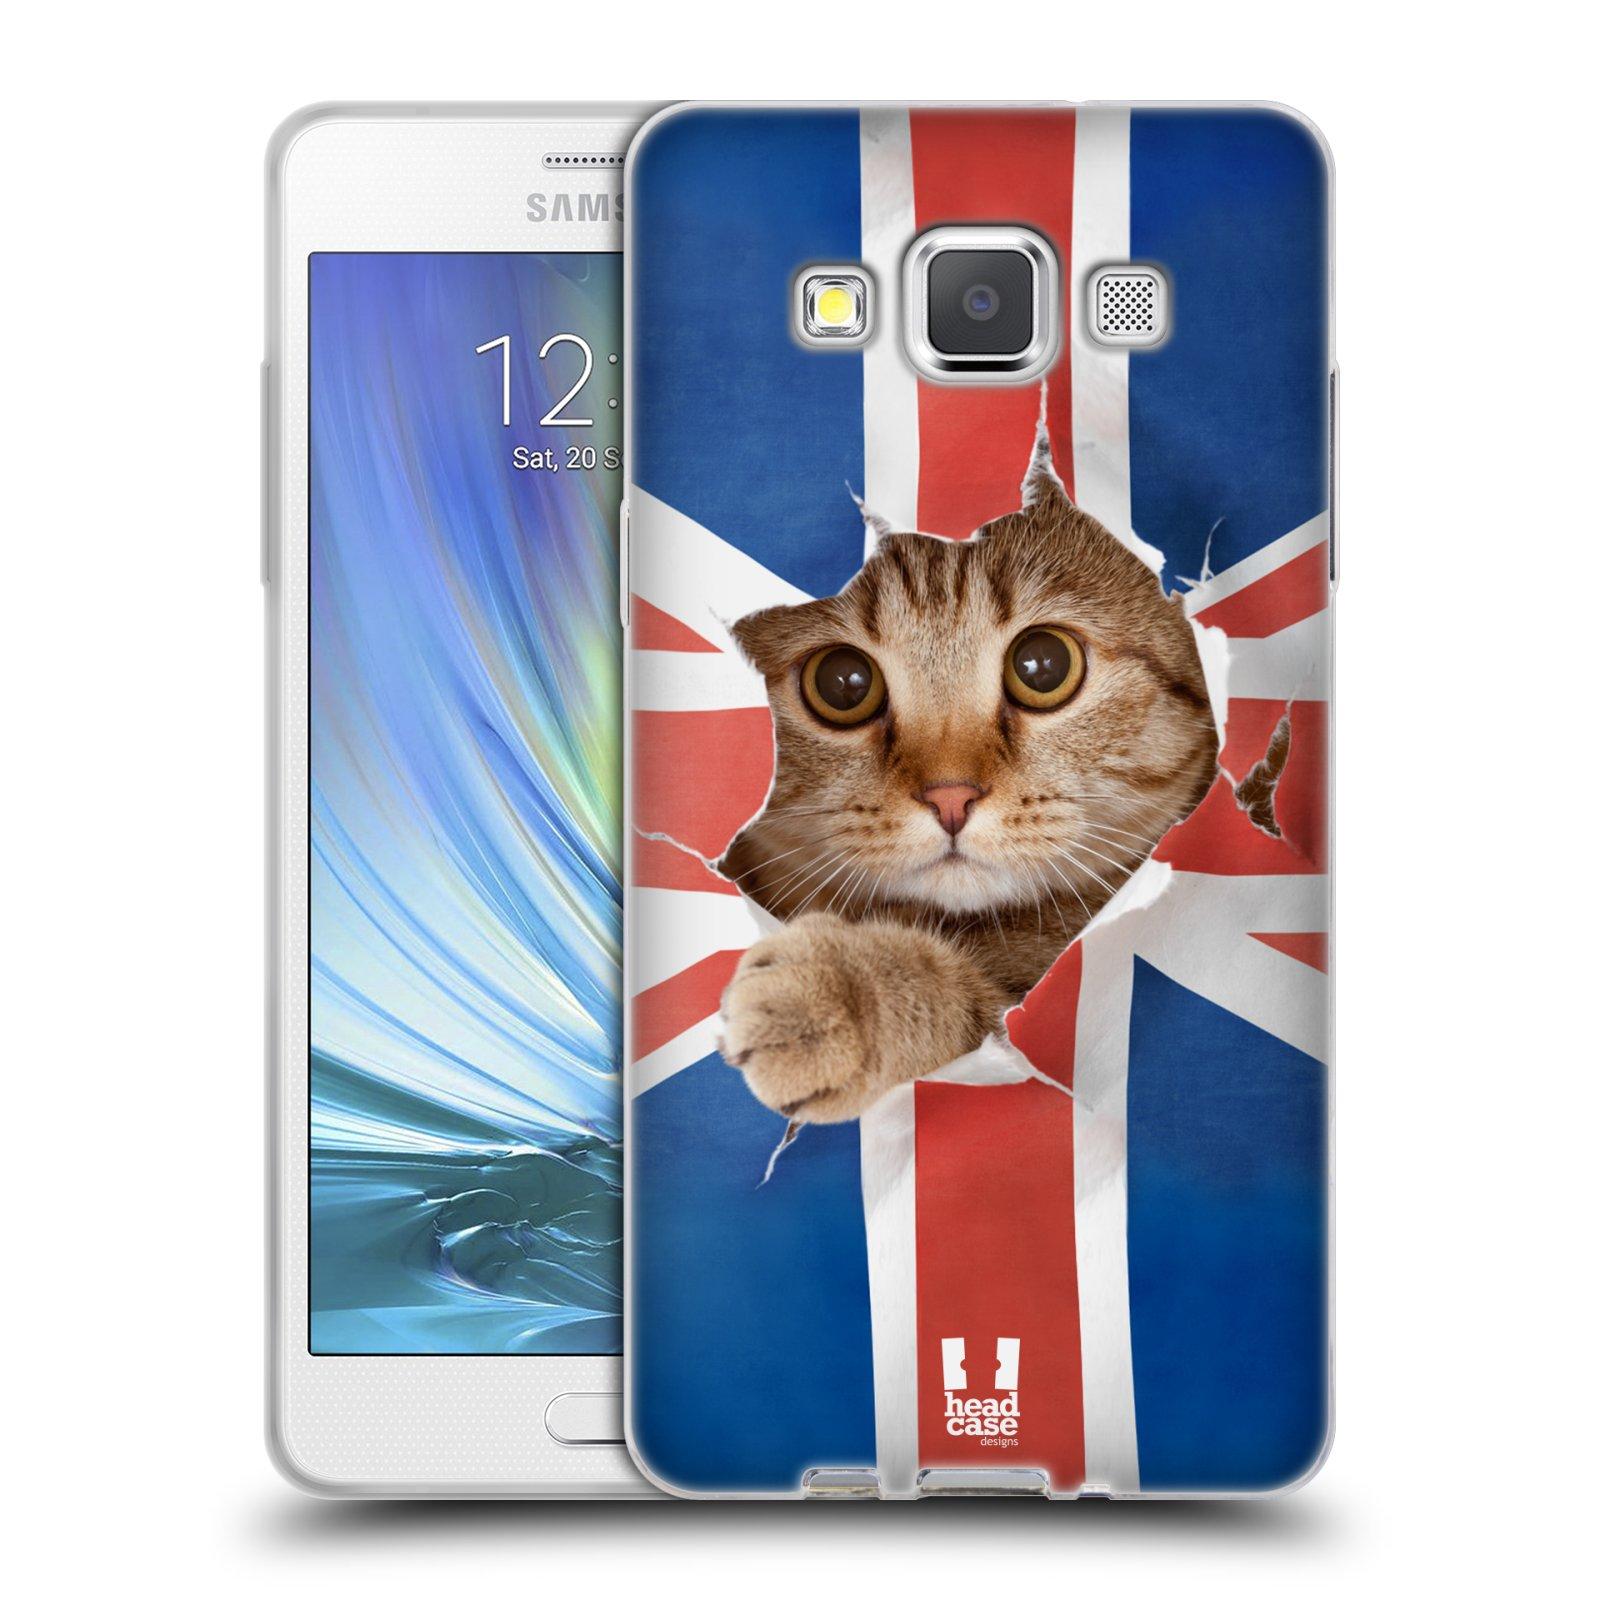 HEAD CASE silikonový obal na mobil Samsung Galaxy A5 vzor Legrační zvířátka kočička a Velká Británie vlajka